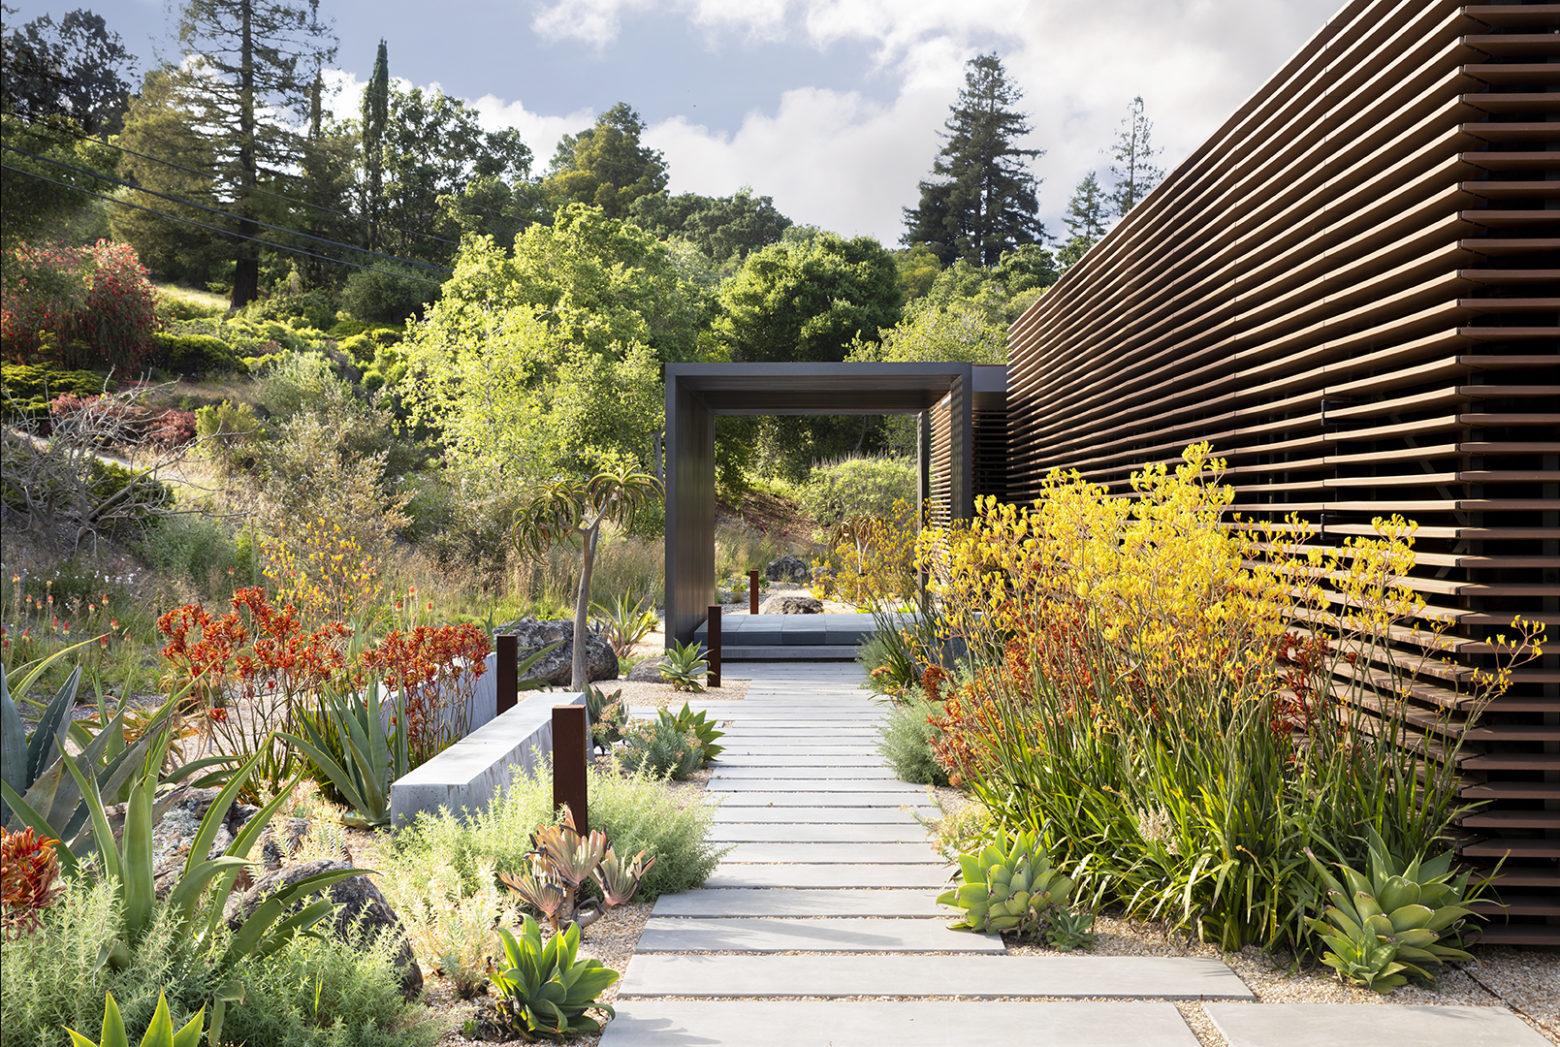 residential garden design ideas by Surfacedesign